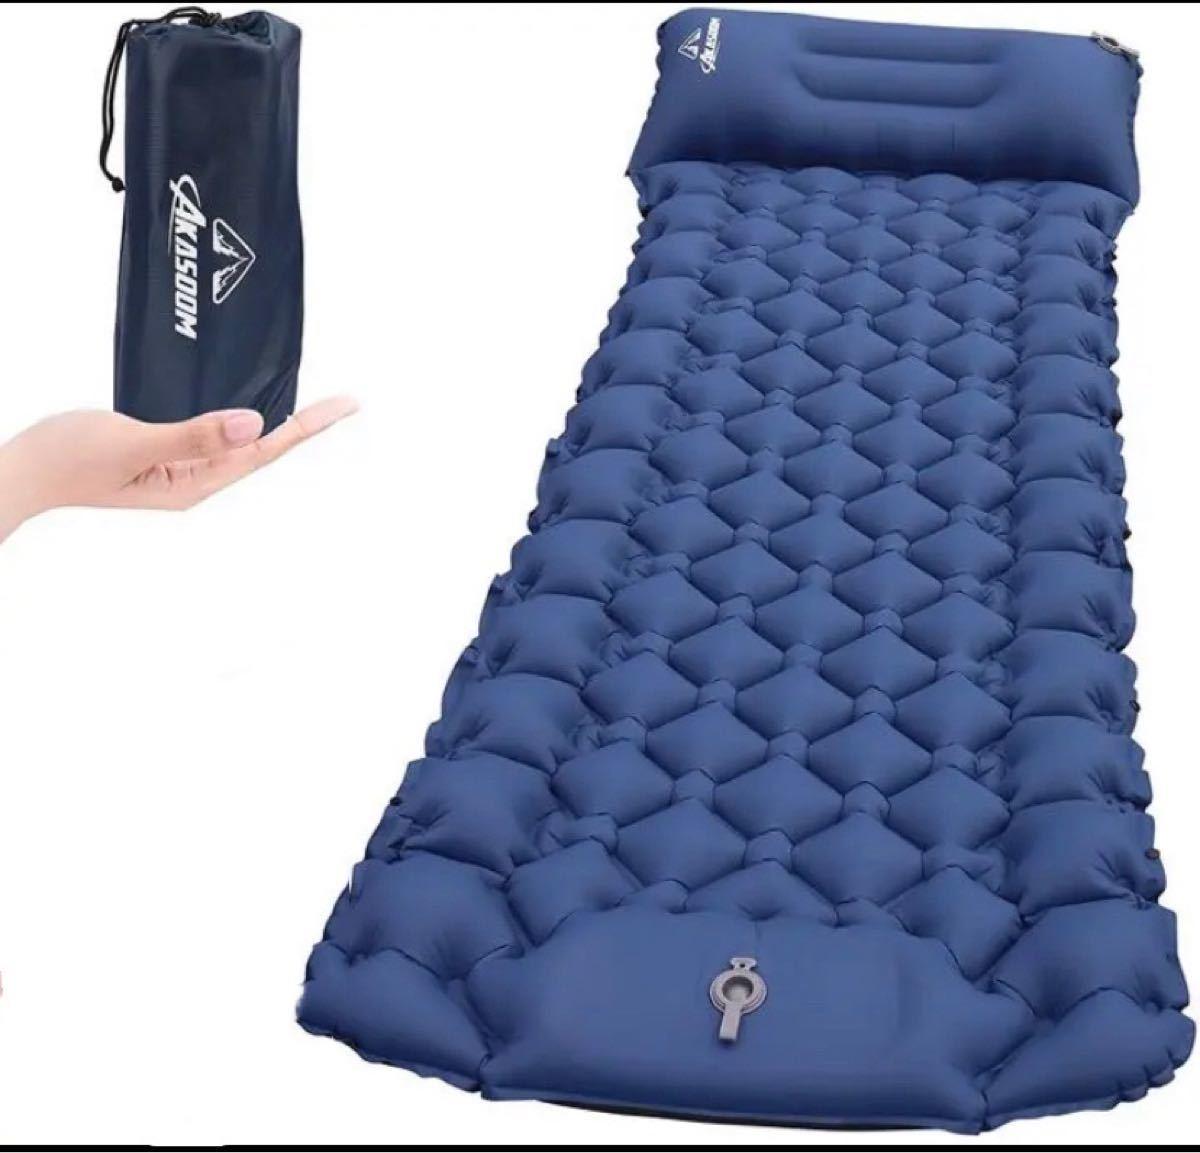 キャンプ用 マット アウトドアマット 厚手 軽量 足踏み式 無限連結可能 枕付き